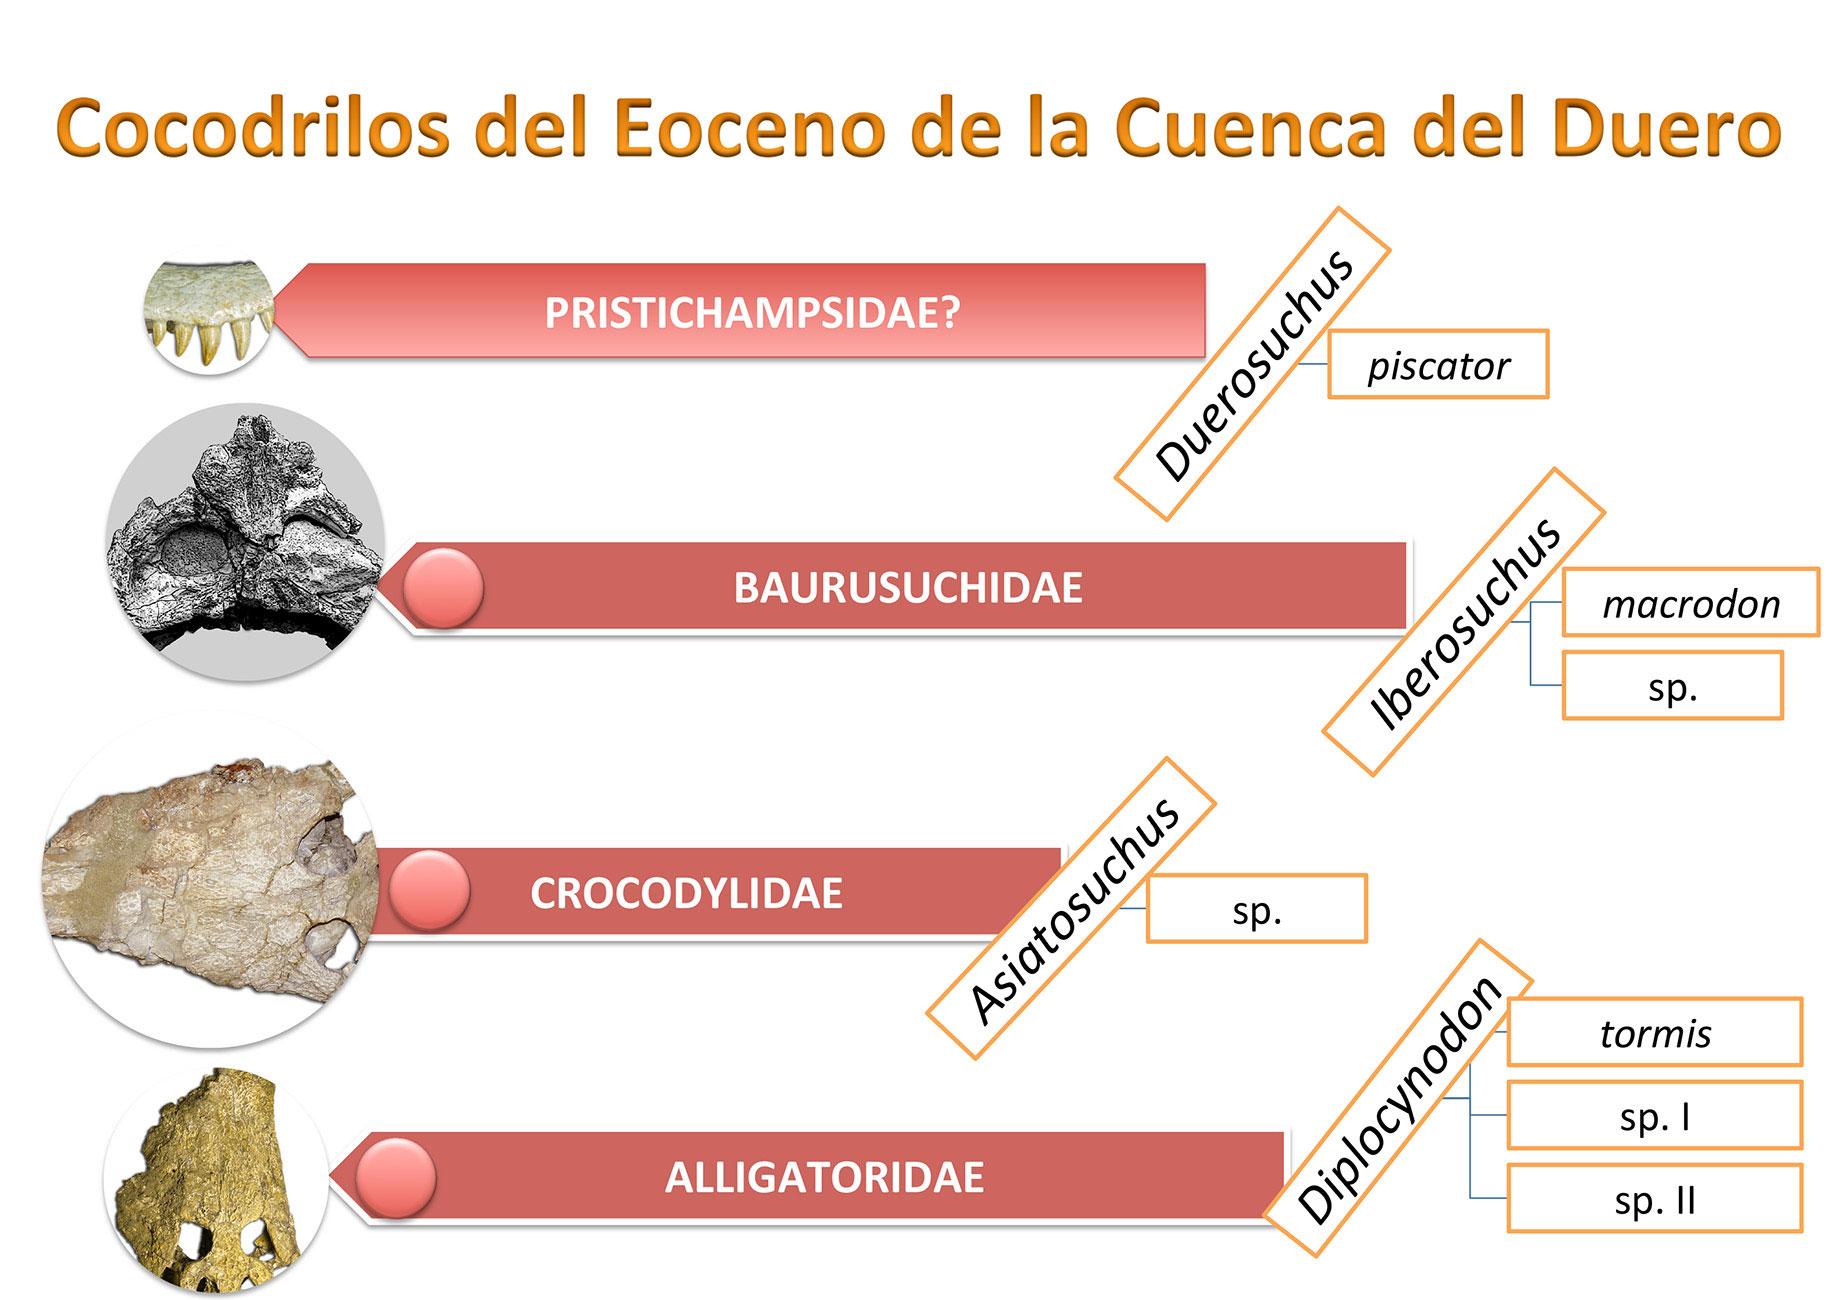 Cocodrilos-de-la-Cuenca-del-Duero